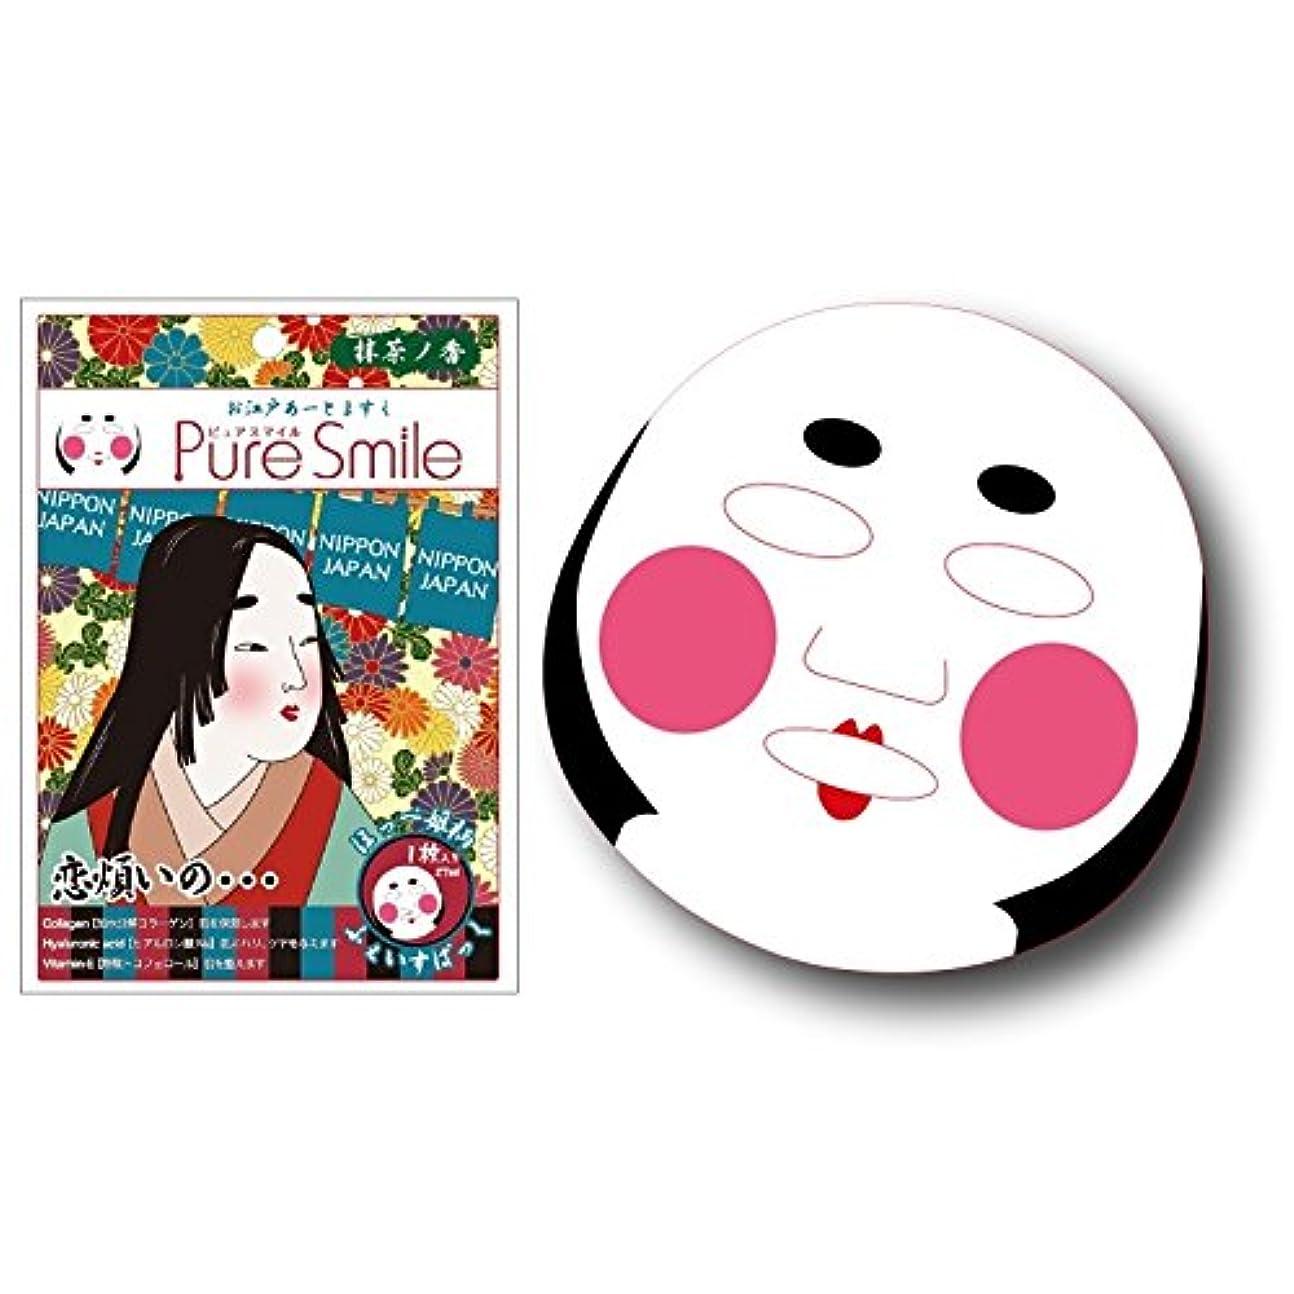 バレーボール外部ファンPure Smile お江戸アートマスク (ほっぺ姫)